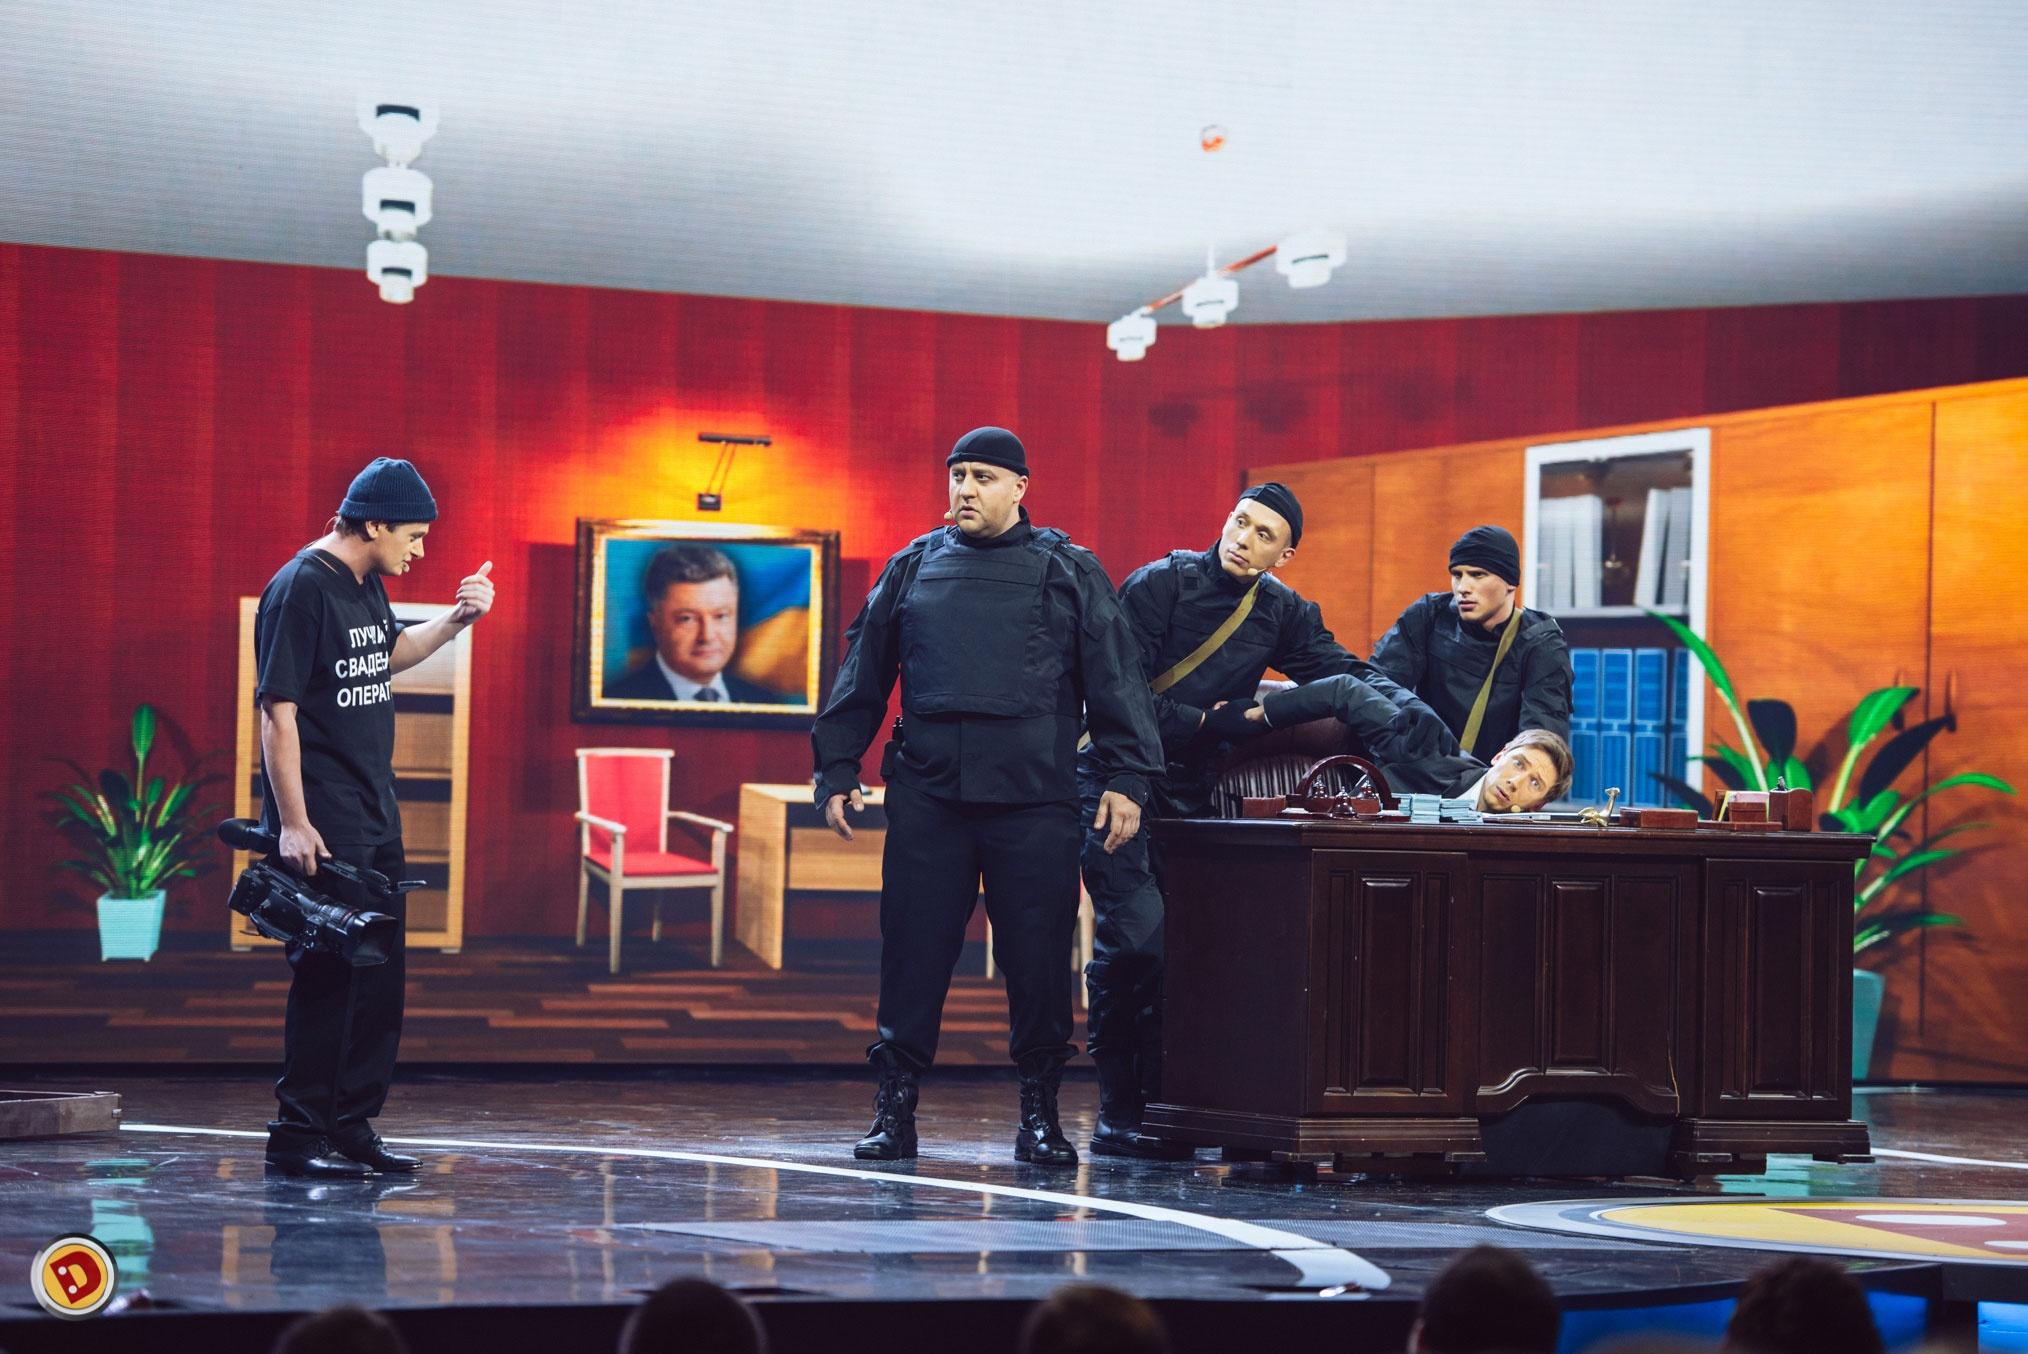 pervyy-zimniy-koncert-dizel-shou-sobral-anshlag-4